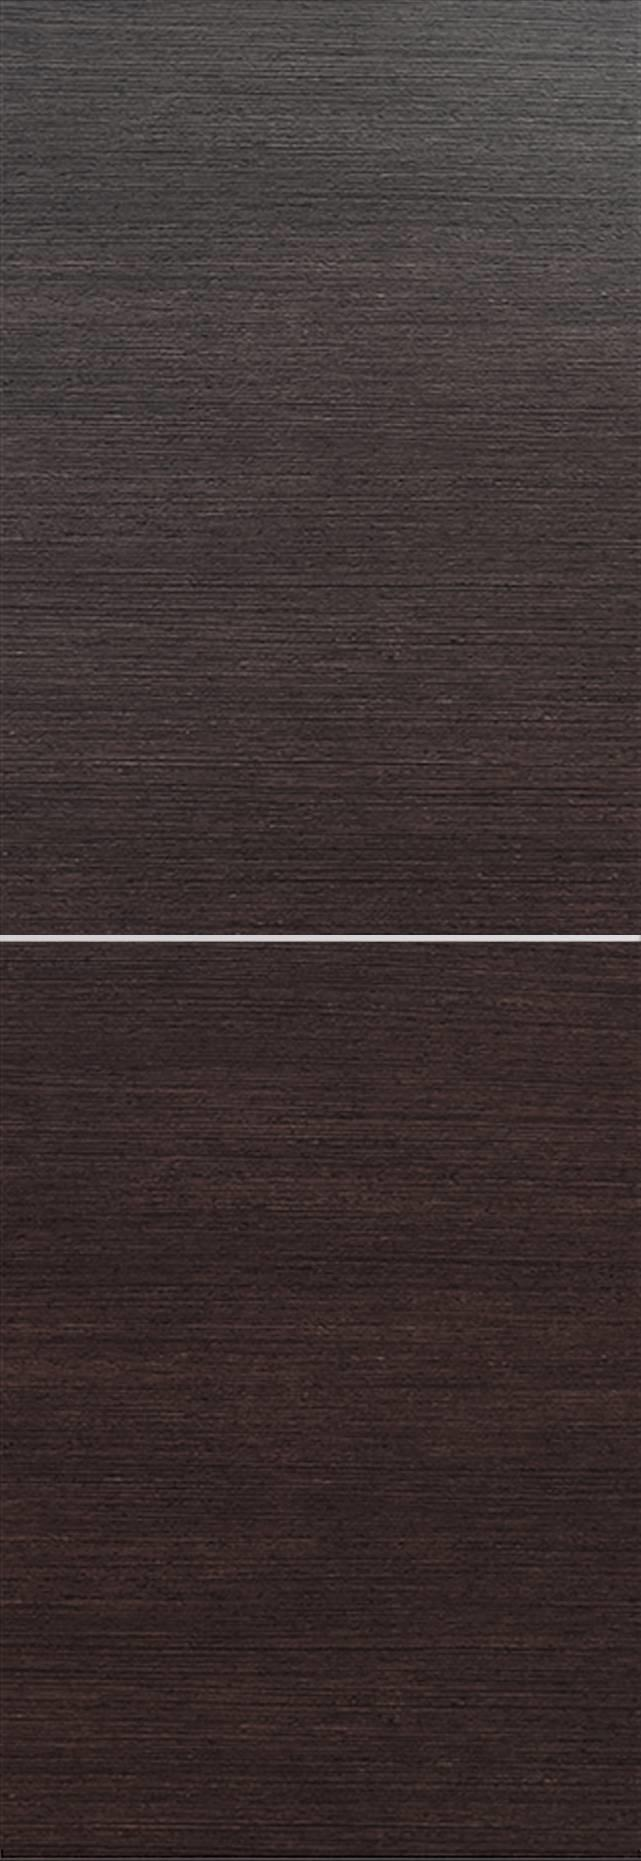 Tivoli Б-3 Invisible цвет - Венге Шоколад Без стекла (ДГ)